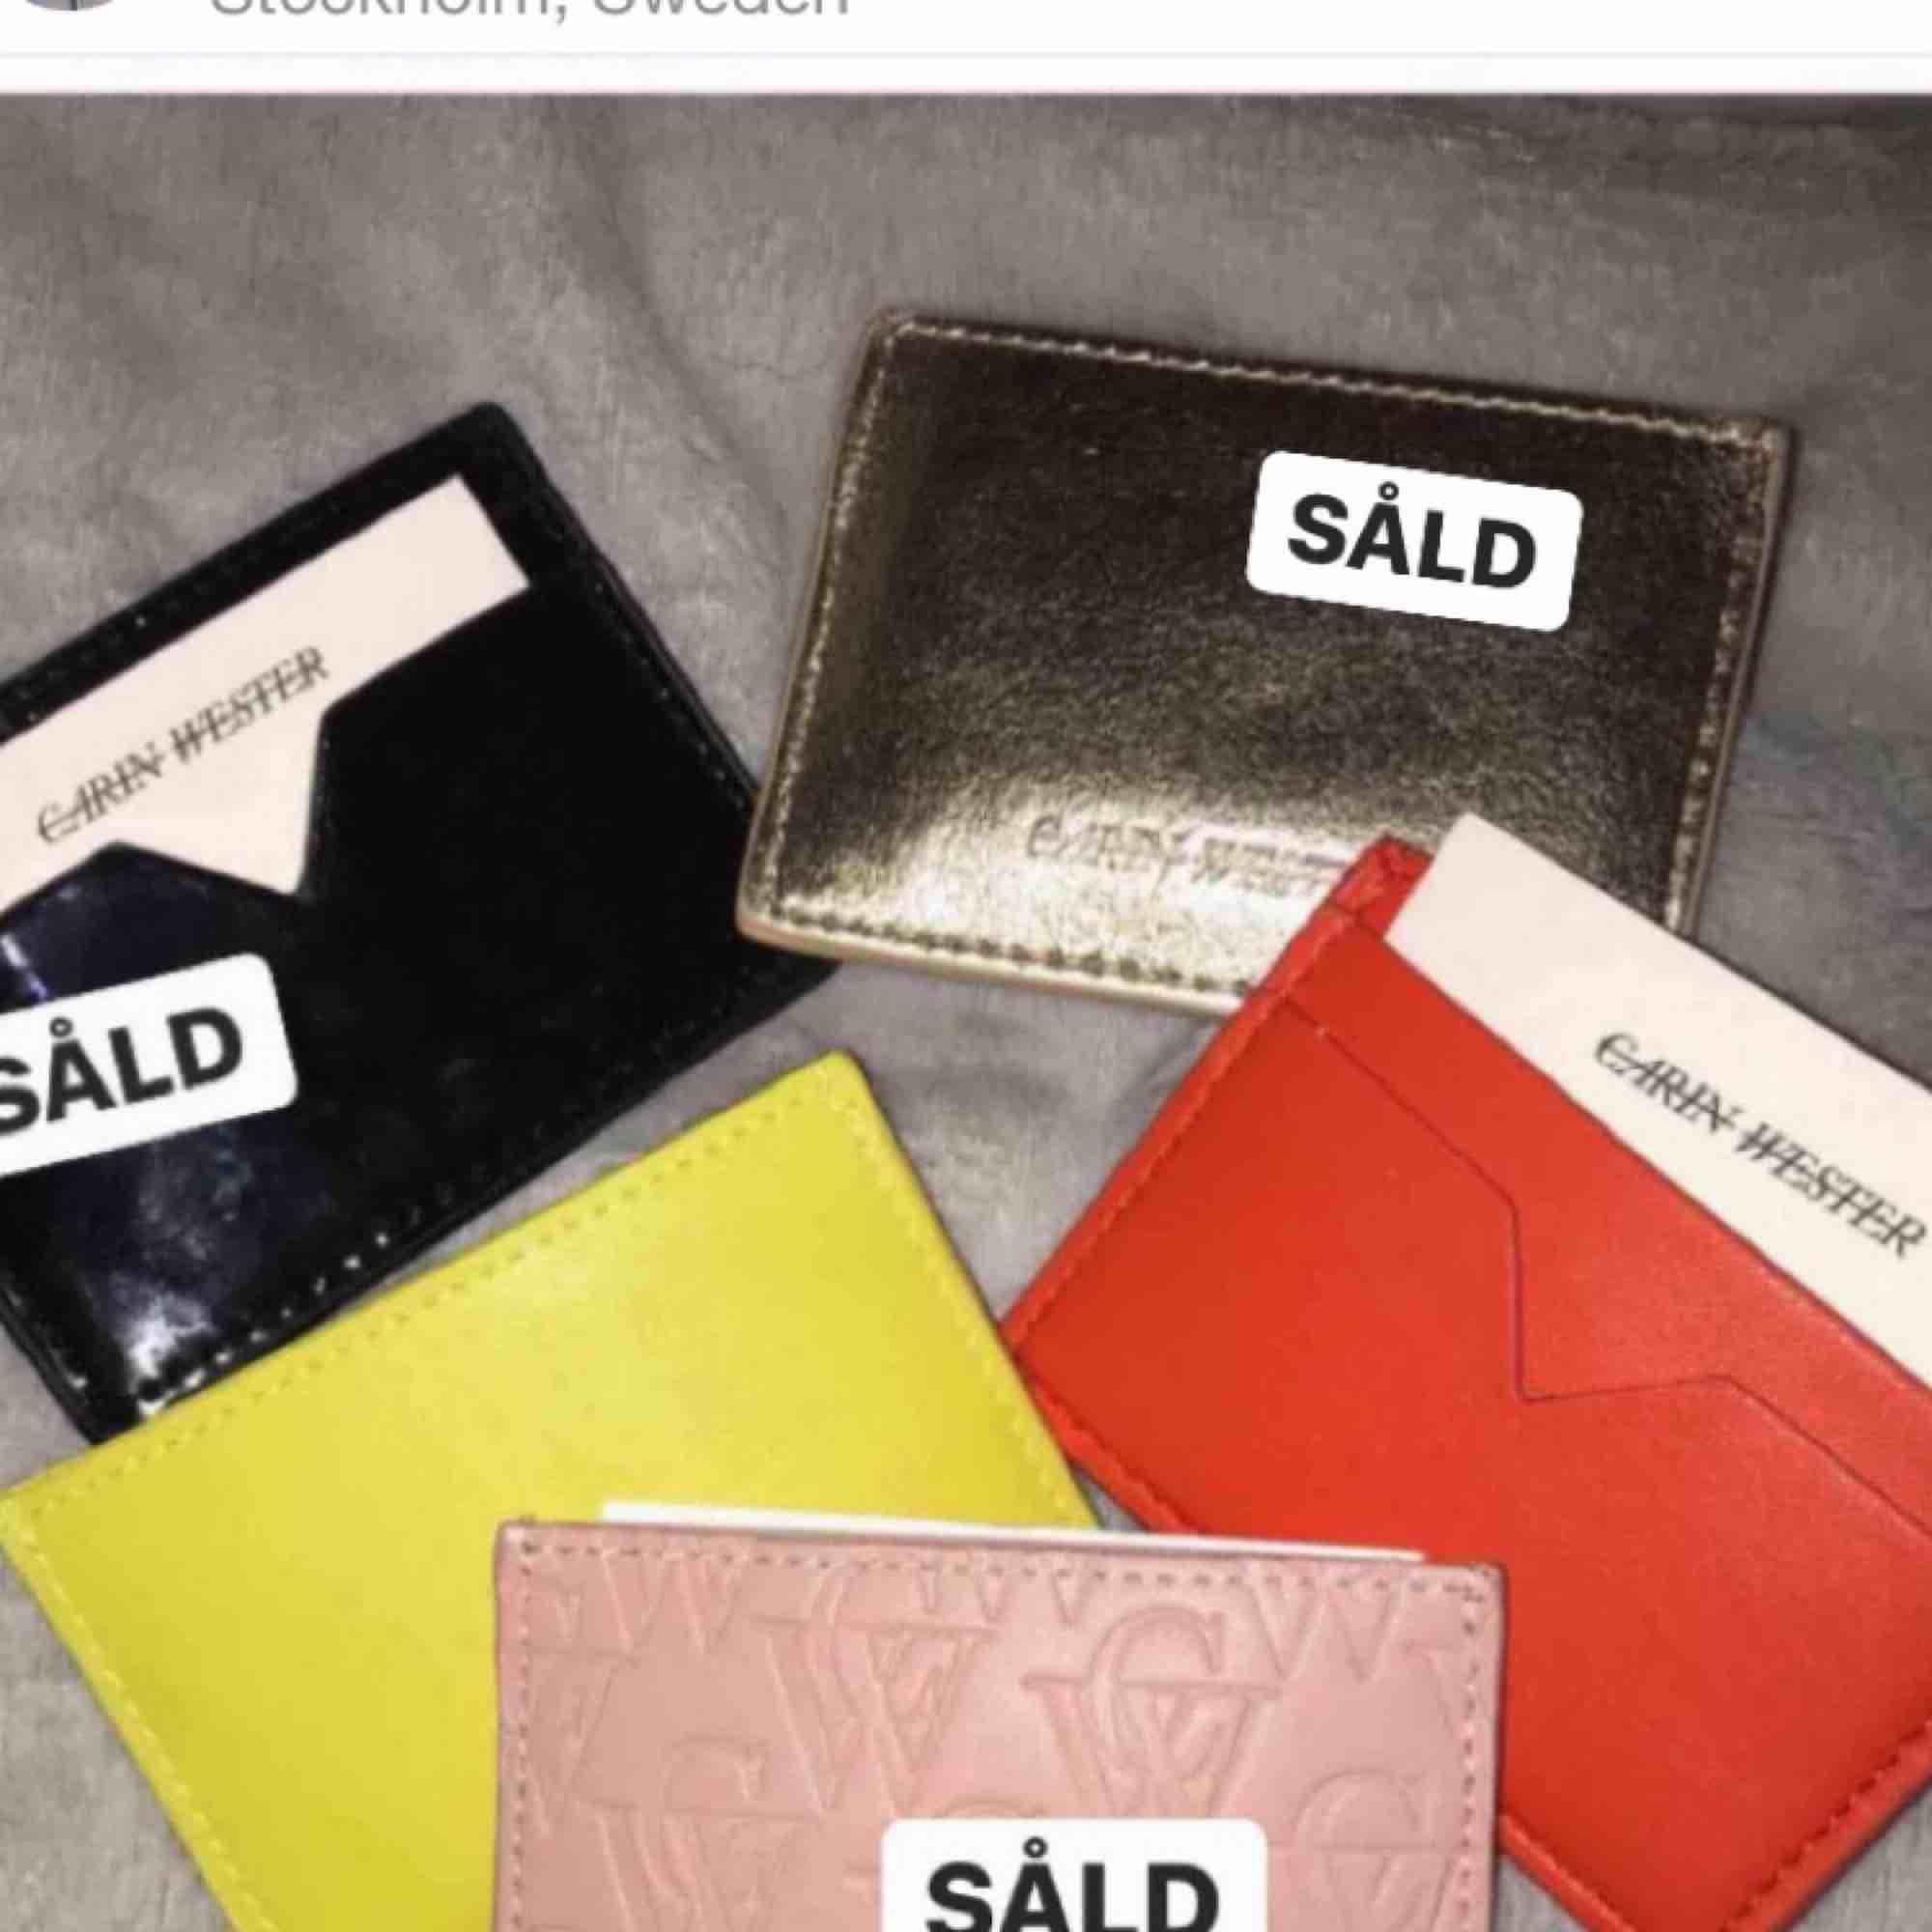 Korthållare från Carin Wester, flera olika färger. Nypris 99:- styck. Säljs för 50:- styck. Om du köper 3 får du dem för 100. Alla 5 för 150. Frakt tillkommer. . Accessoarer.